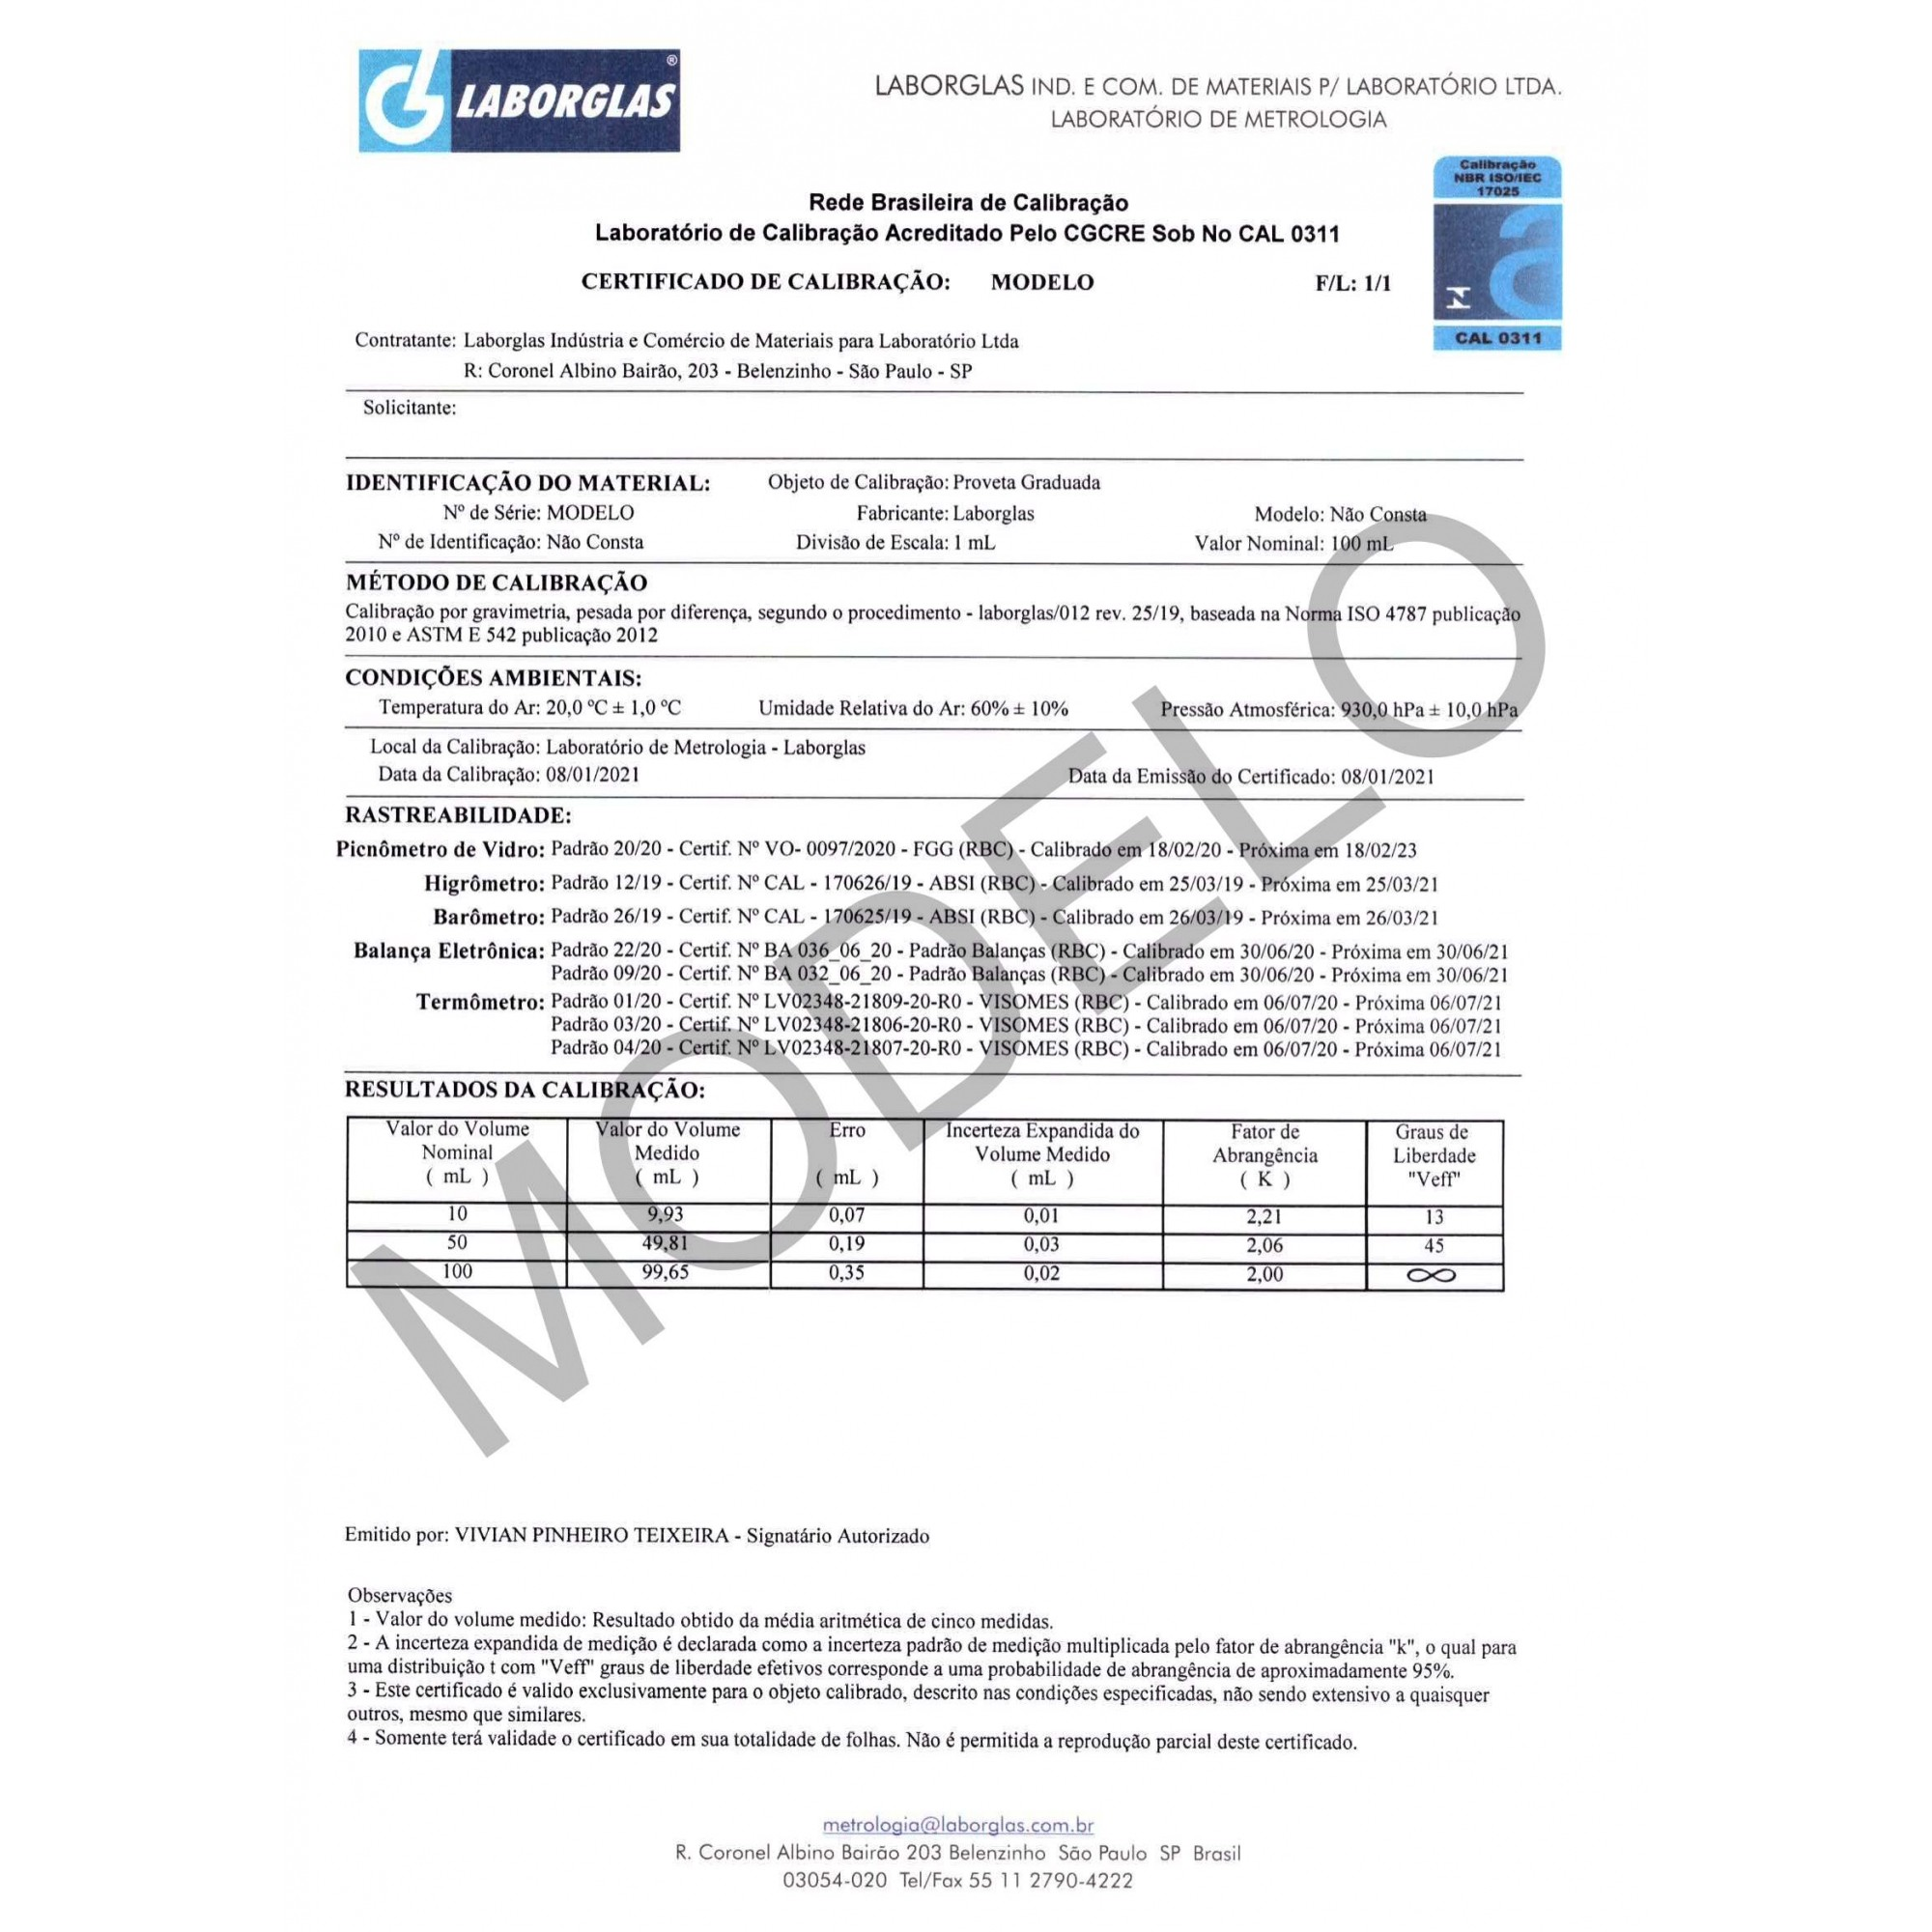 PROVETA GRADUADA BASE HEXAGONAL DE POLIPROPILENO 500 ML CERTIFICADO RBC - Laborglas - Cód. 913863644